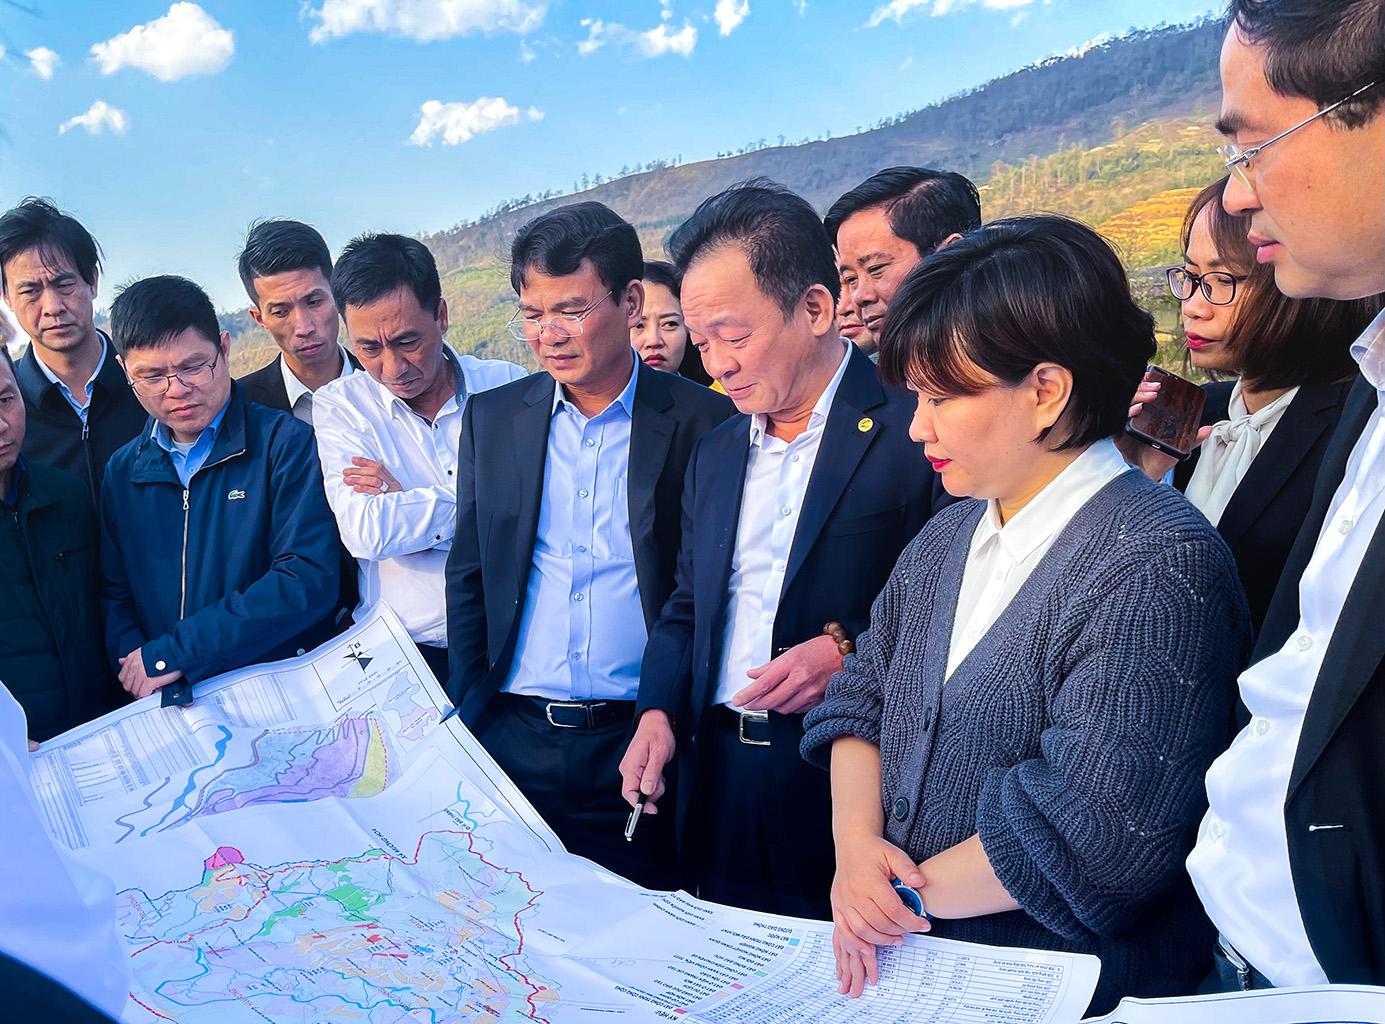 T&T Group hợp tác chiến lược với 2 tỉnh Lào Cai và Cà Mau 2